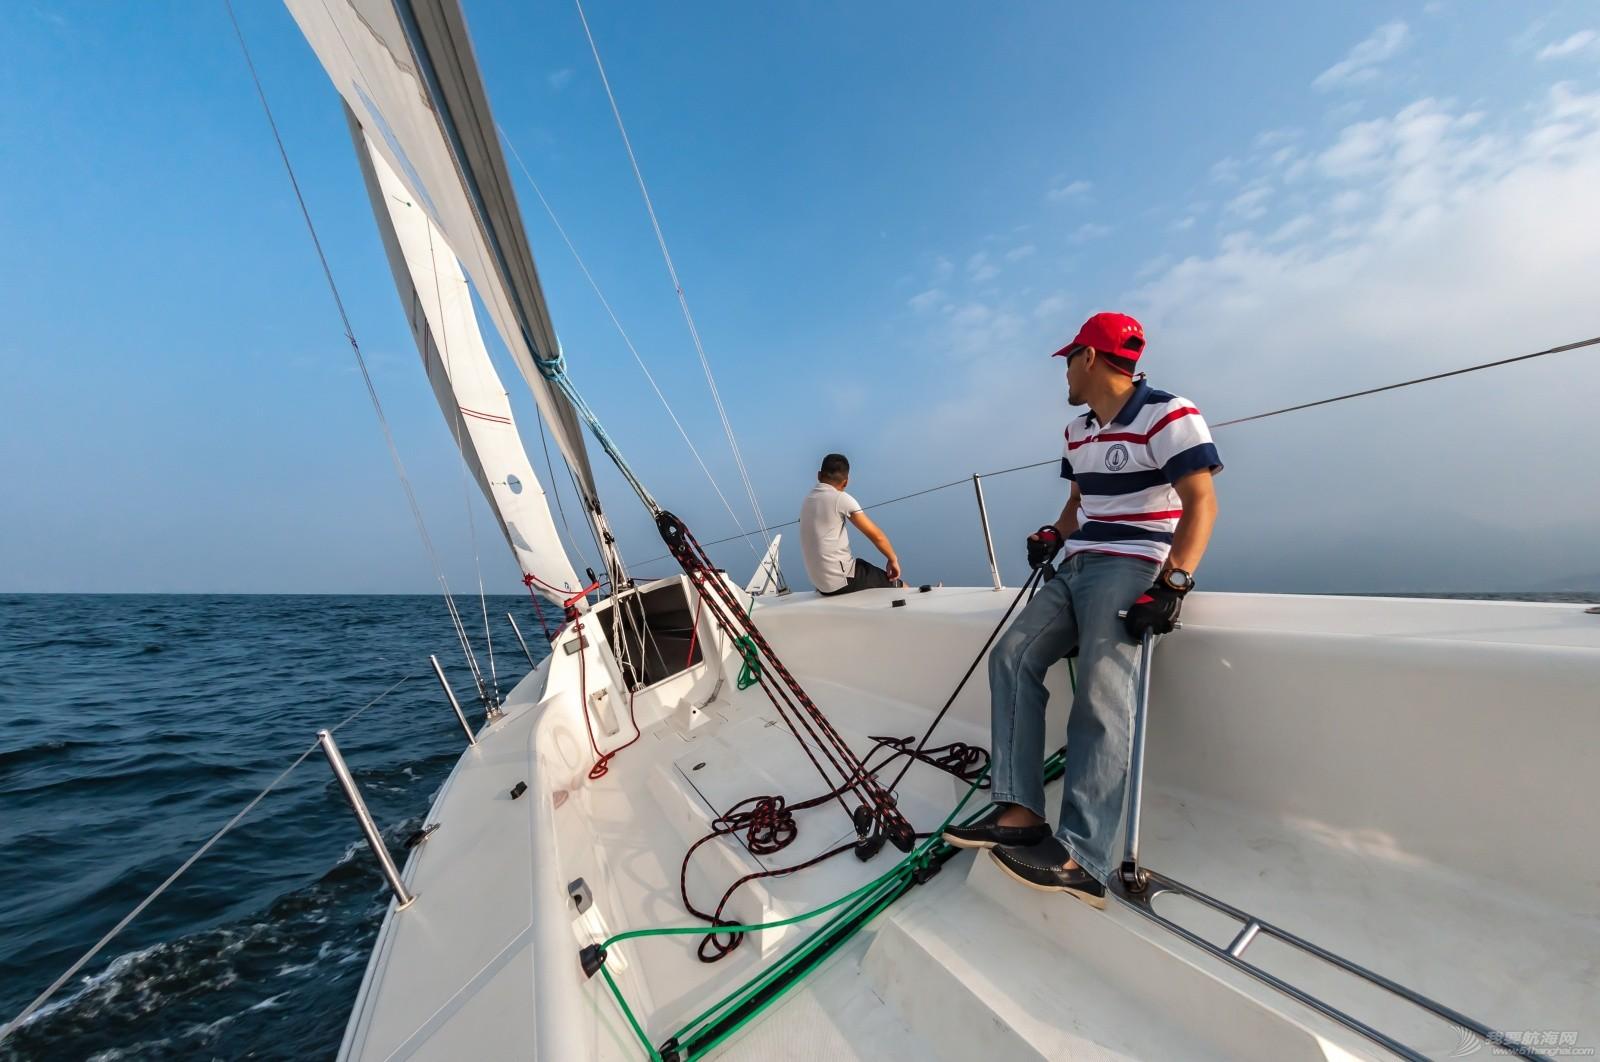 帆船 【2015大鹏杯帆船赛】鱼眼看航海 16035.jpg